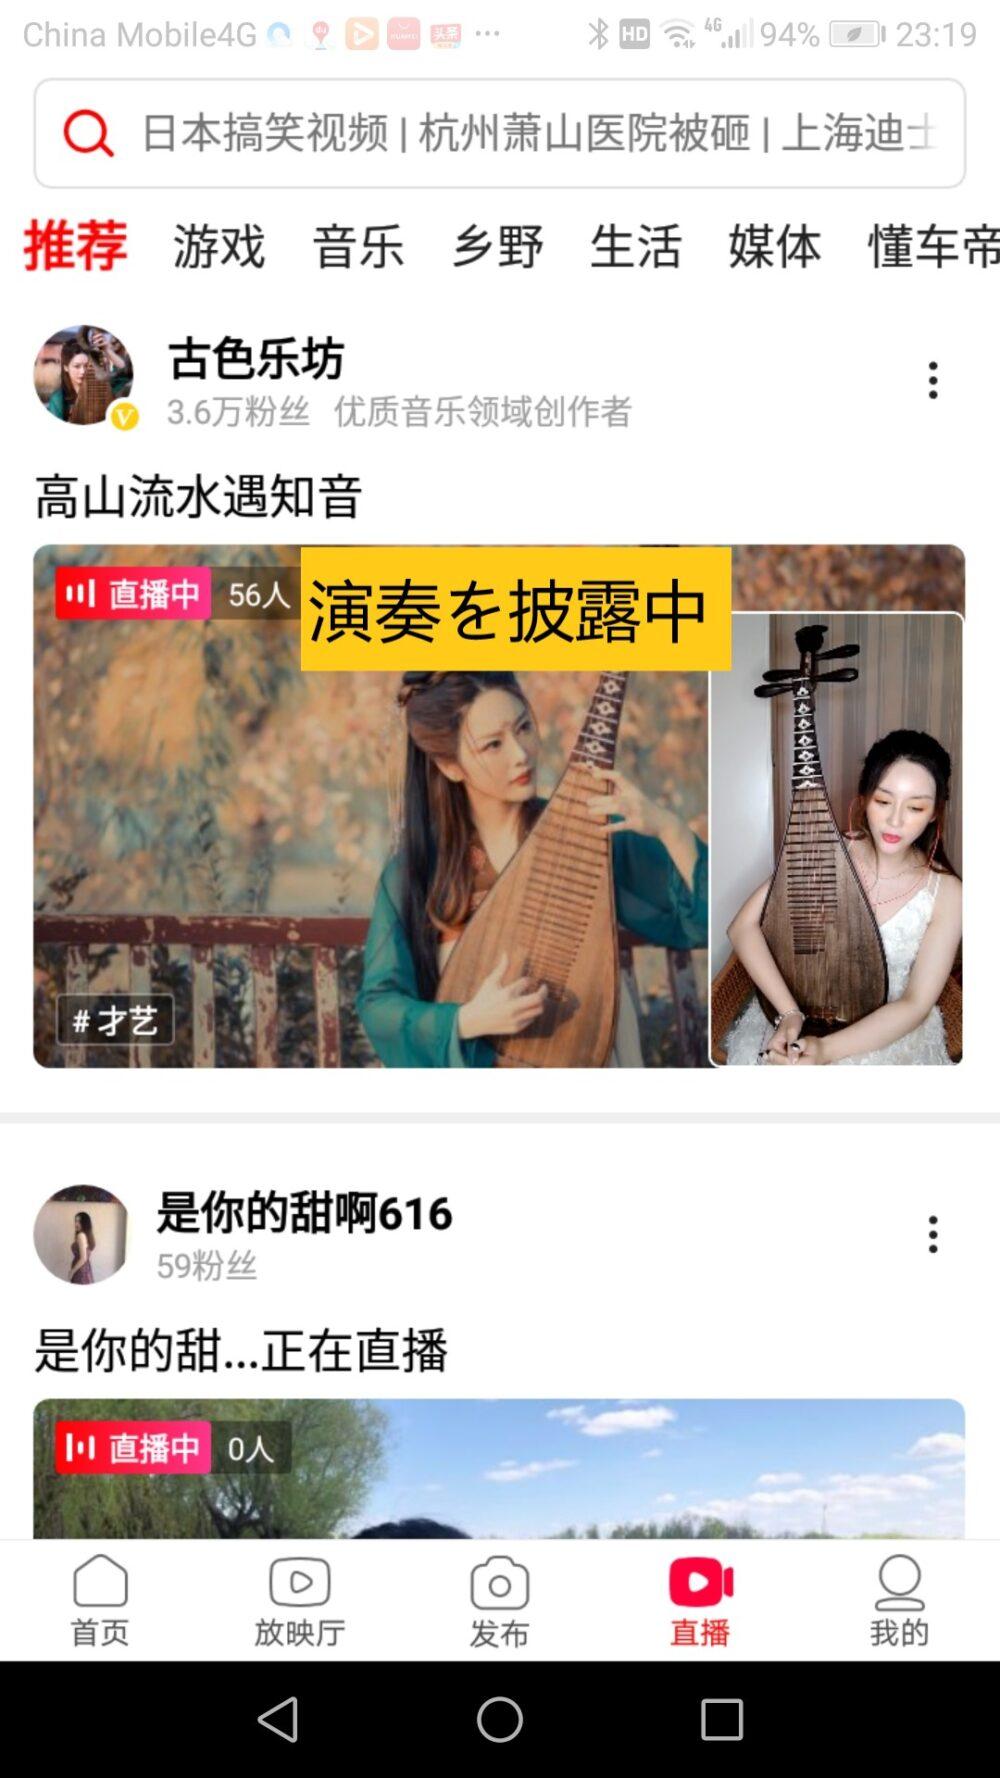 西瓜视频のライブ動画で演奏を披露中の女性のトップ画面のスクリーンショットの画像